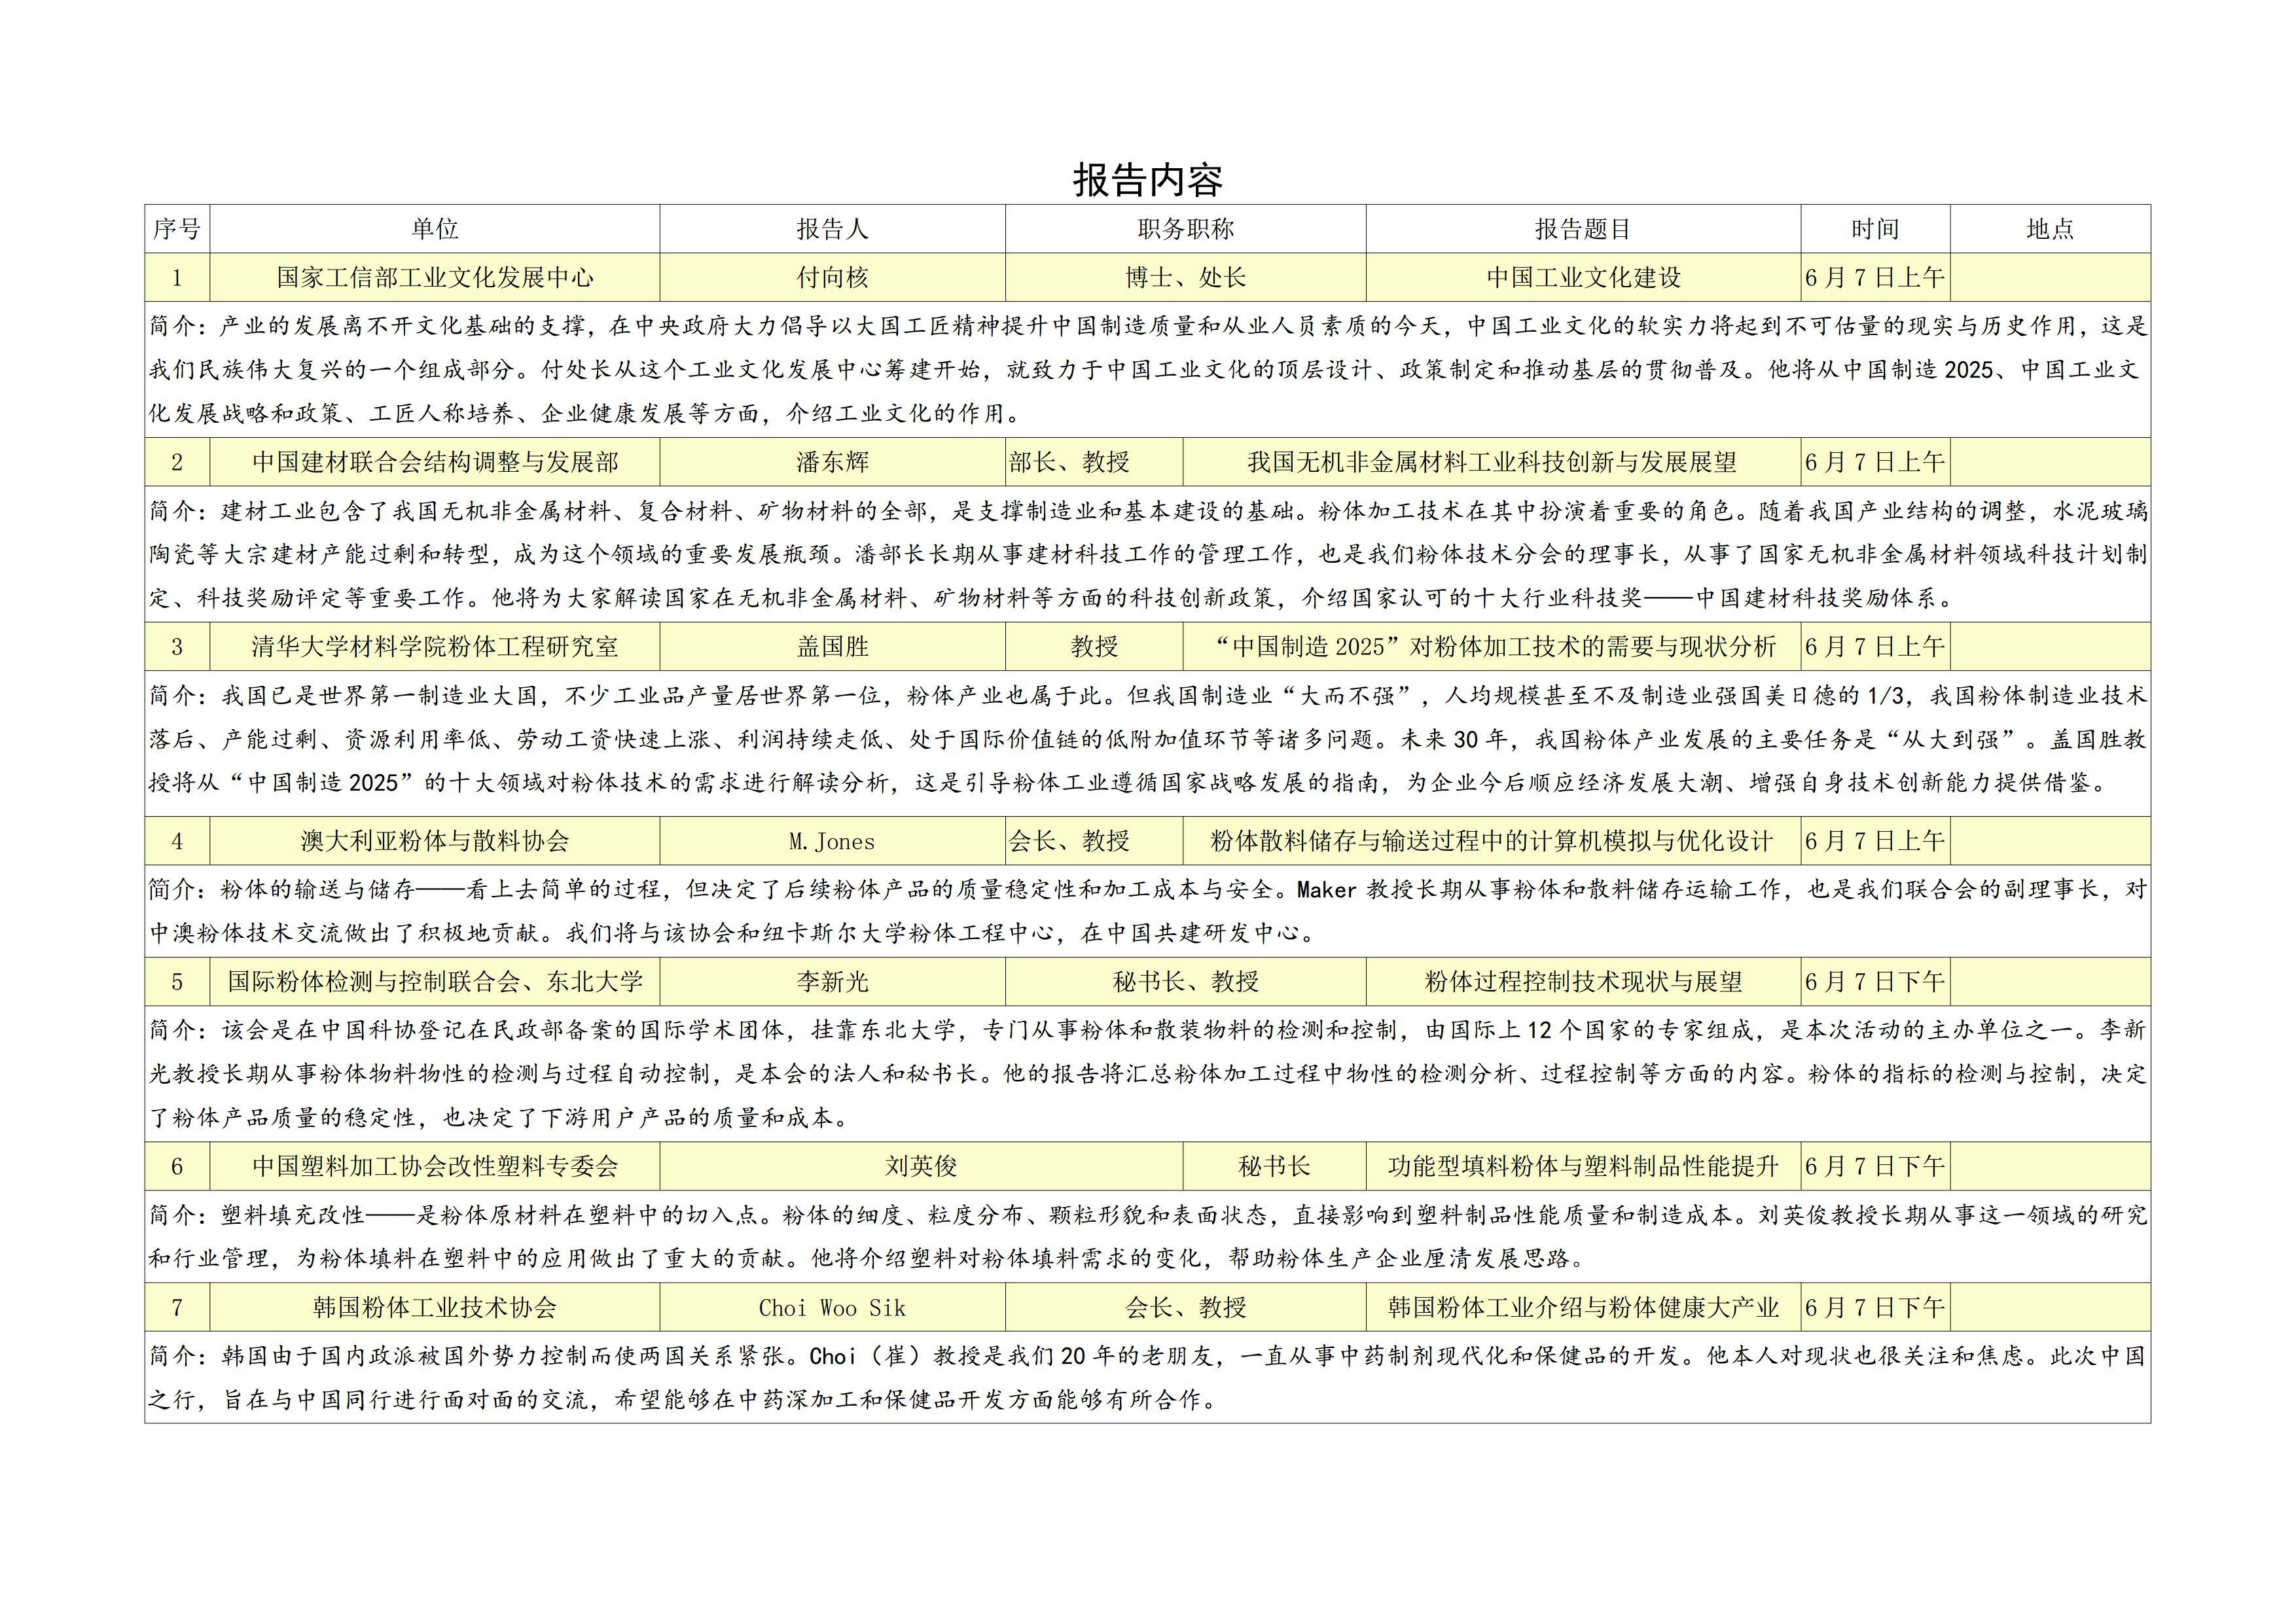 【上海】国际粉体技术与应用论坛 暨粉体技术分会理事会扩大会议